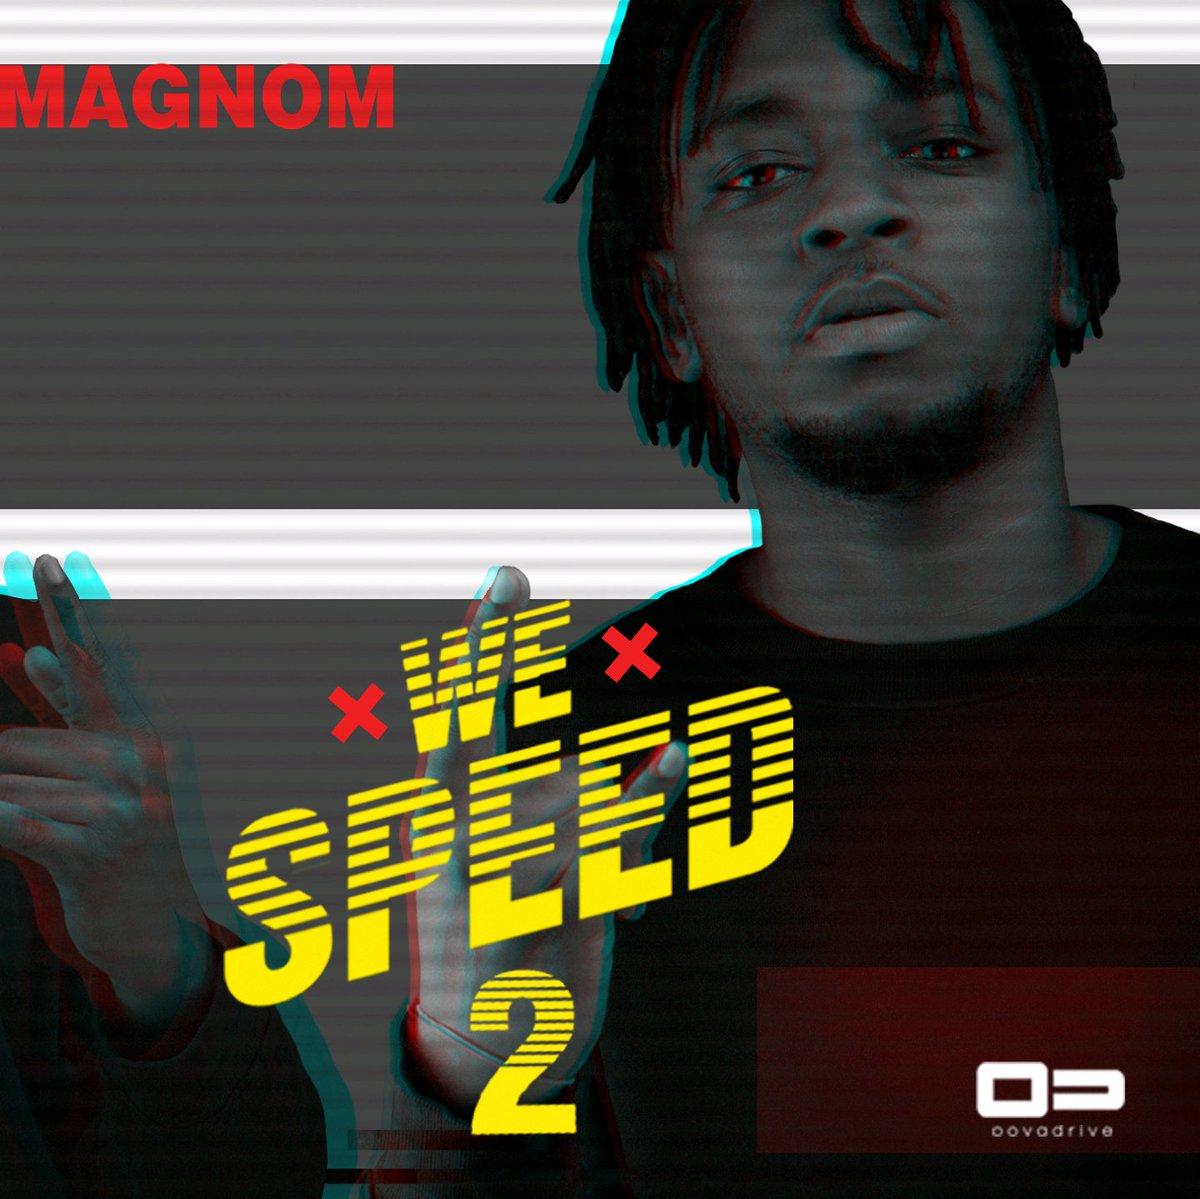 LISTEN: Magnom – We Speed 2